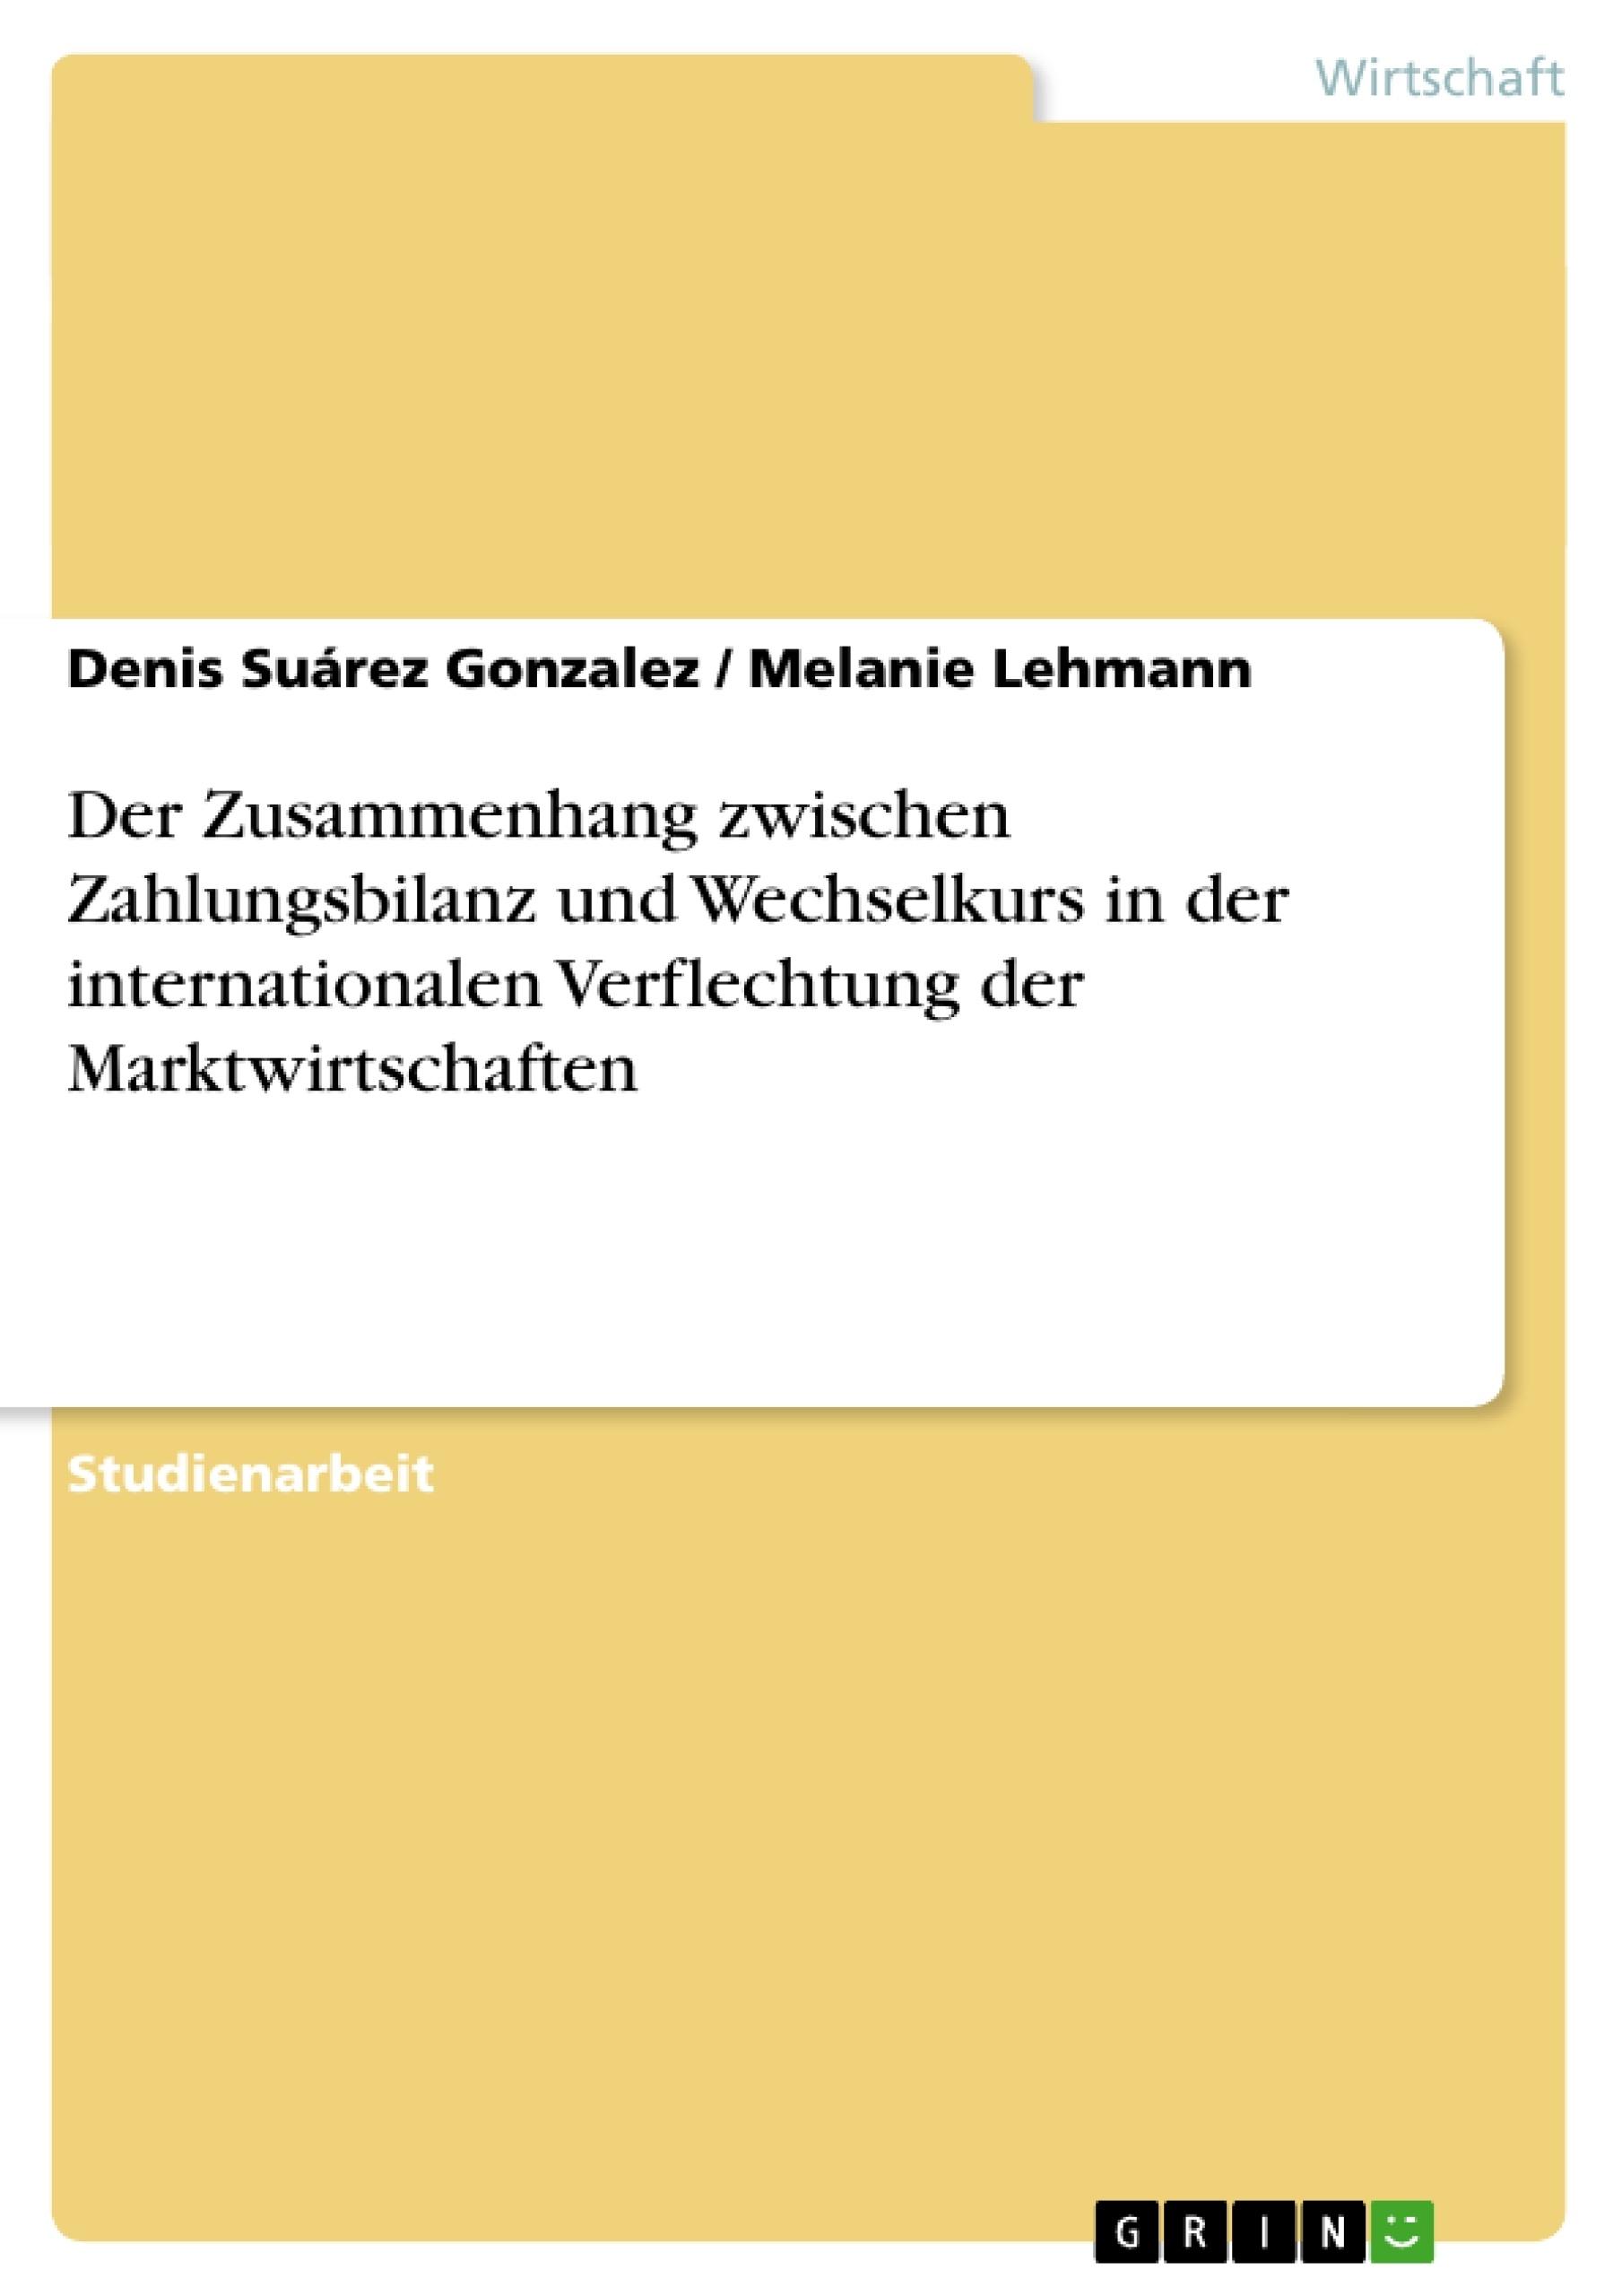 Titel: Der Zusammenhang zwischen Zahlungsbilanz und Wechselkurs in der internationalen Verflechtung der Marktwirtschaften